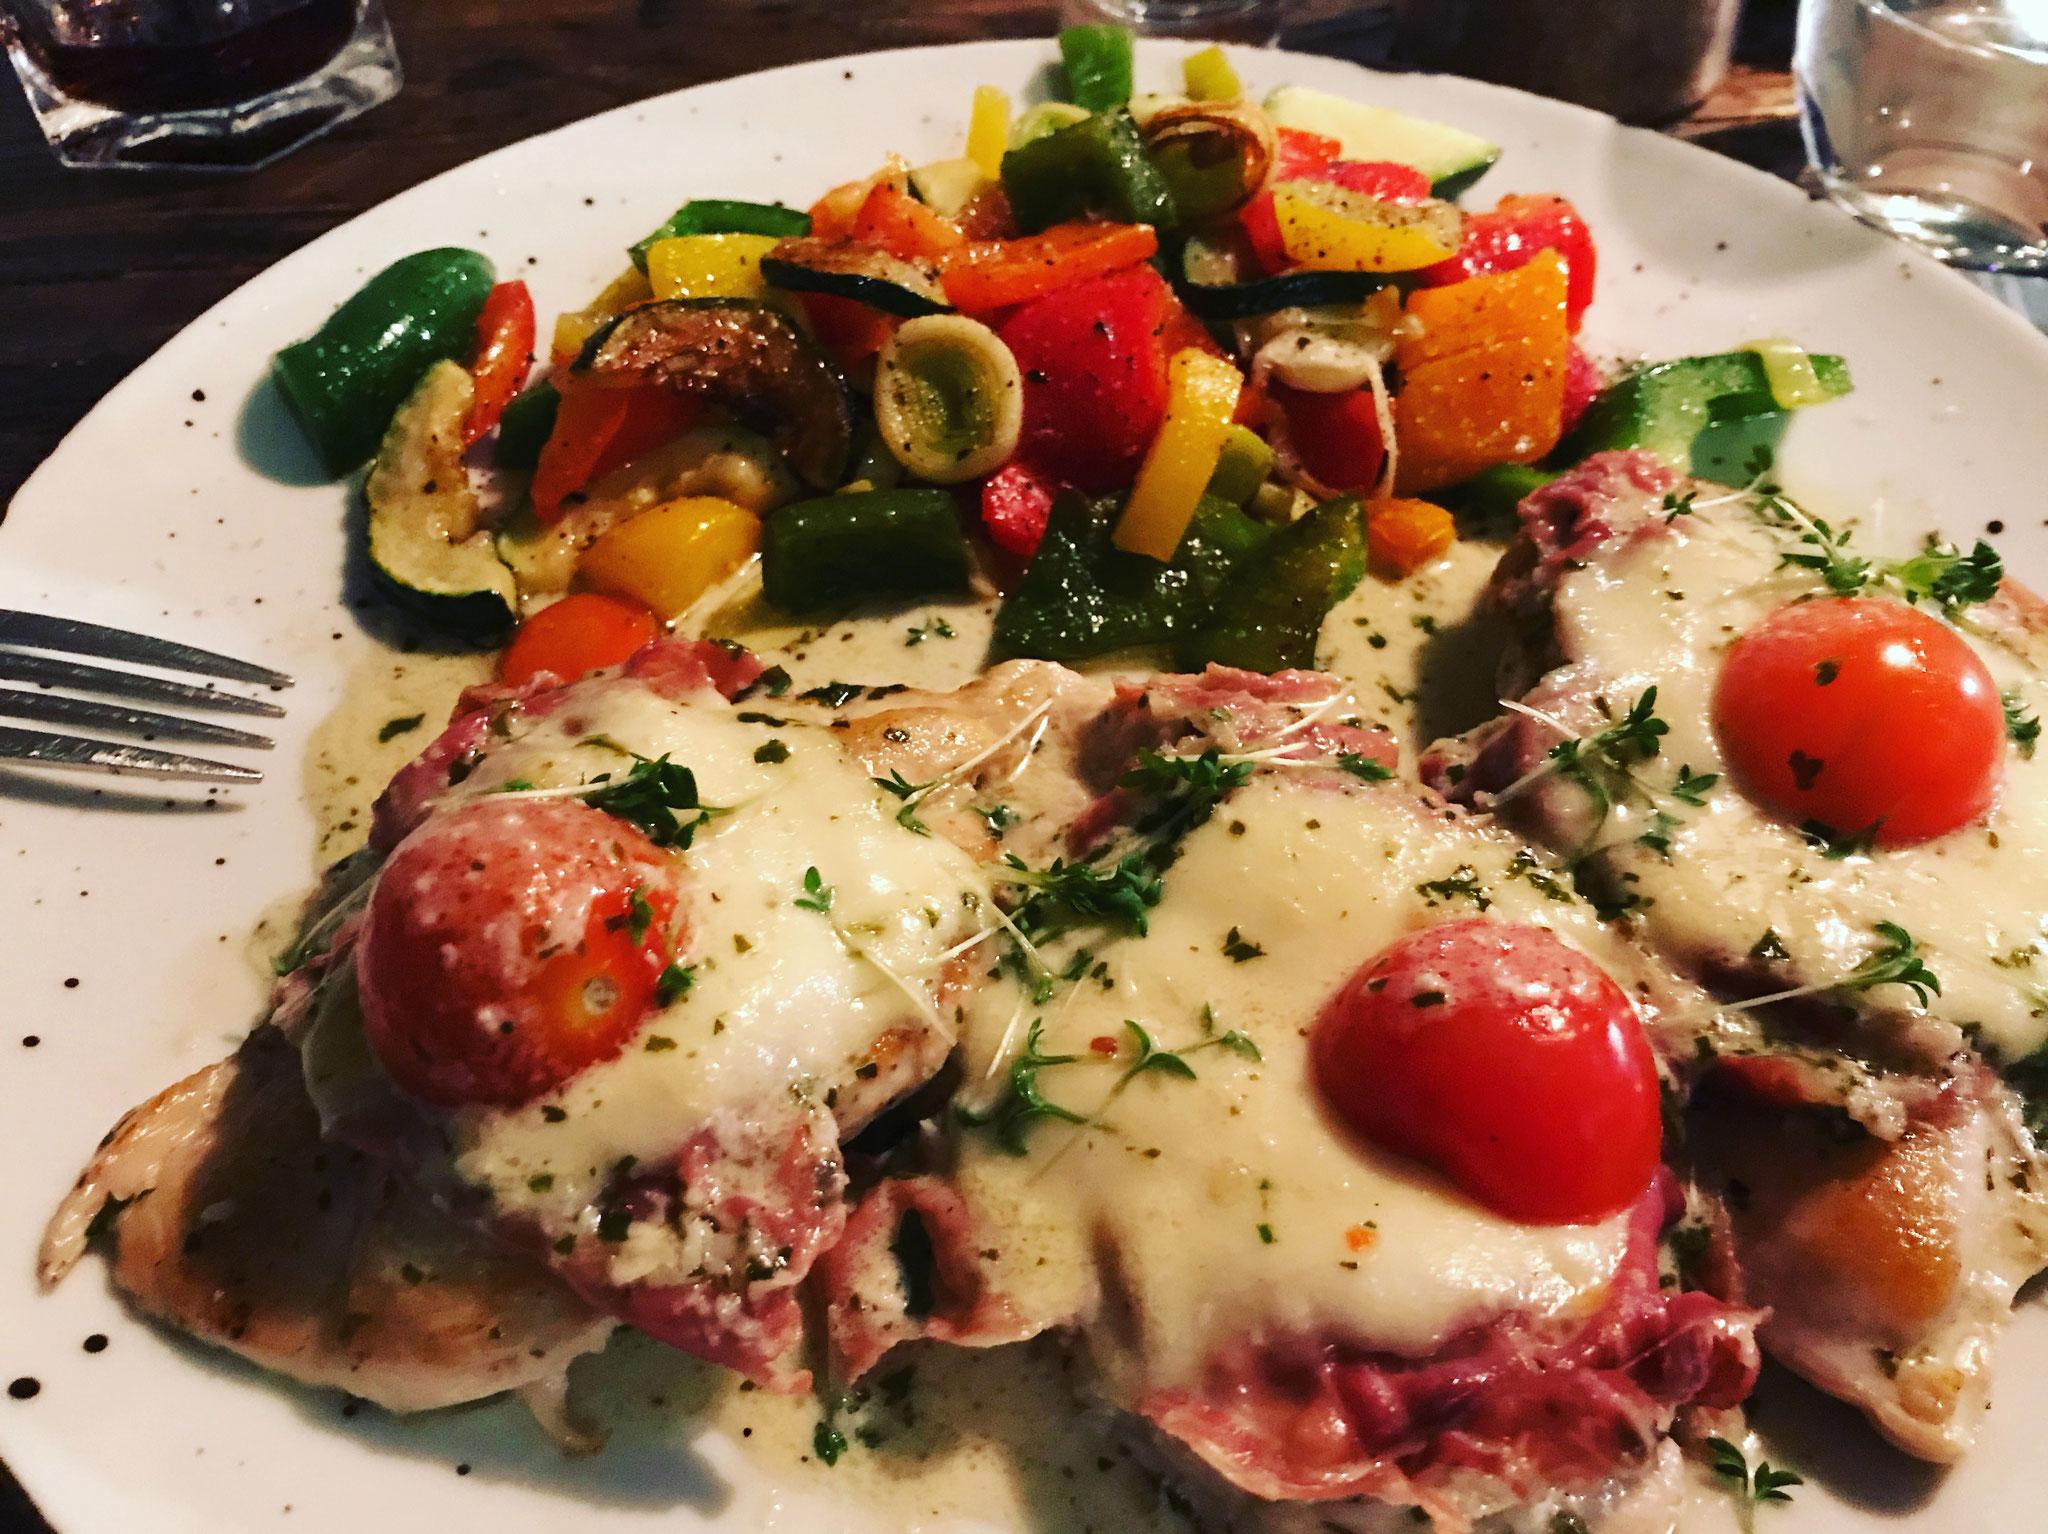 Hähnchenfilet mit Tomate/Mozzarella und italienischem Pfannengemüse